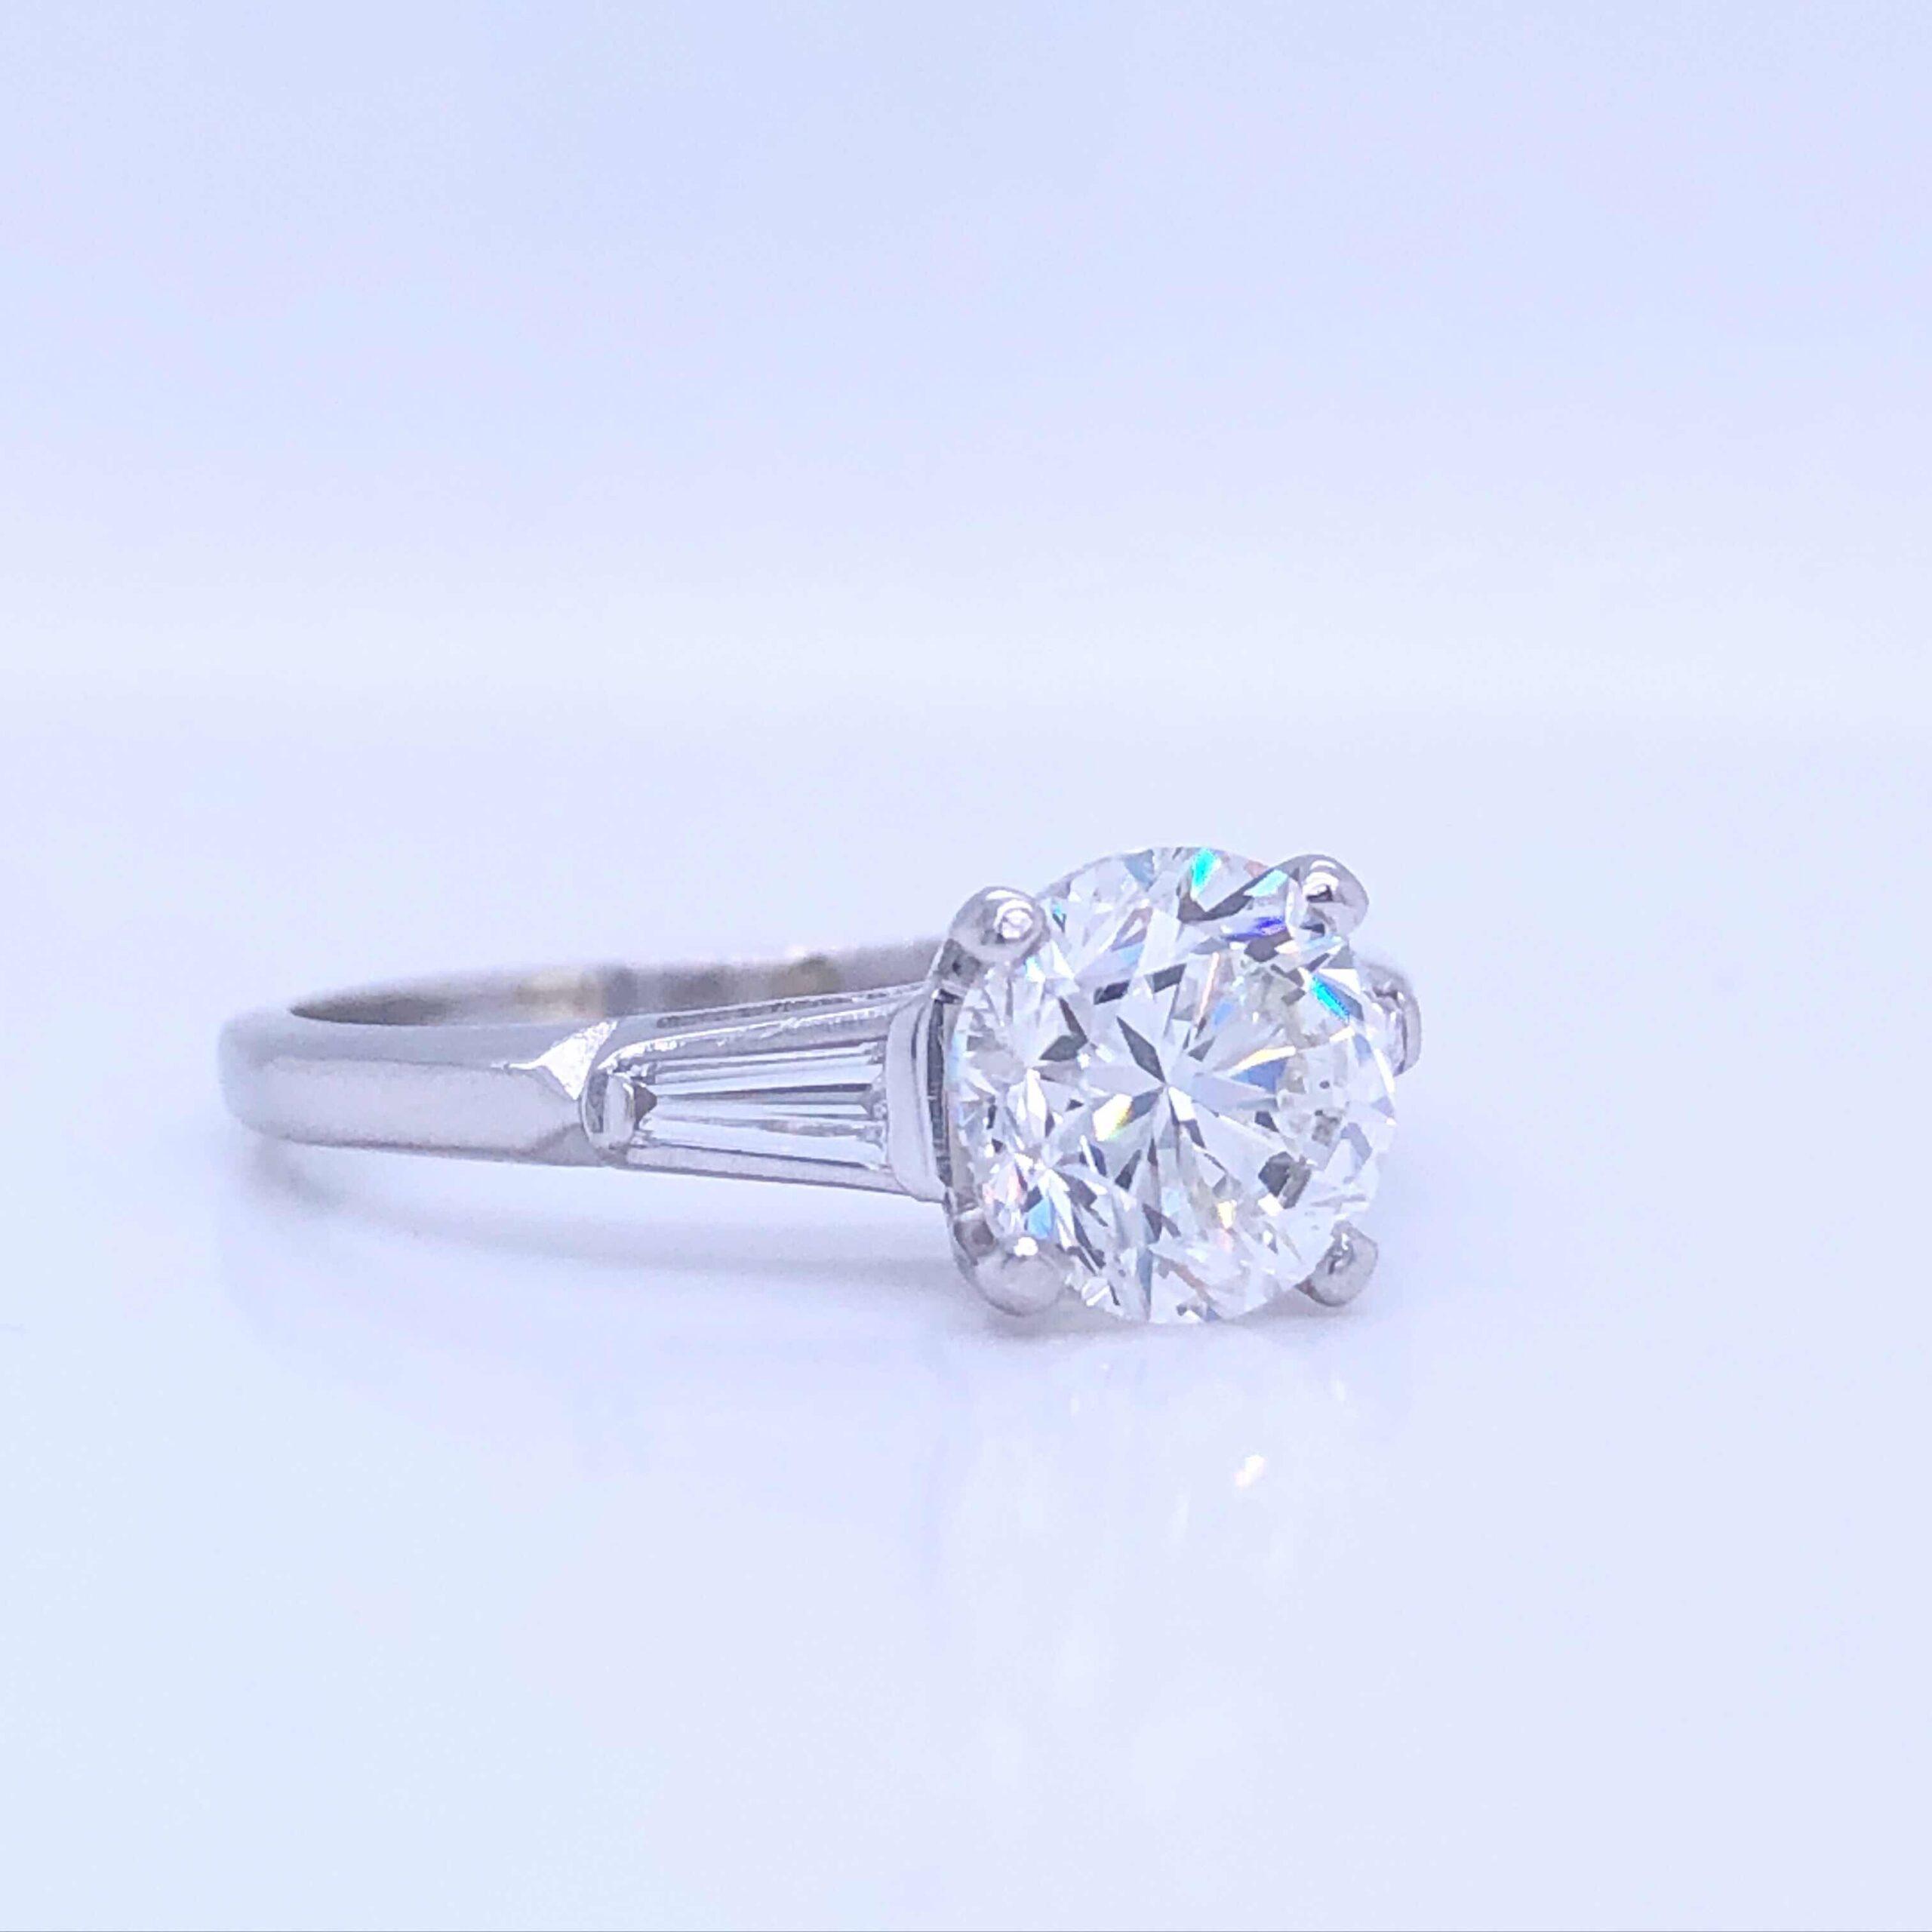 Diamond Care, South Florida | Cleaning Diamond Jewelry